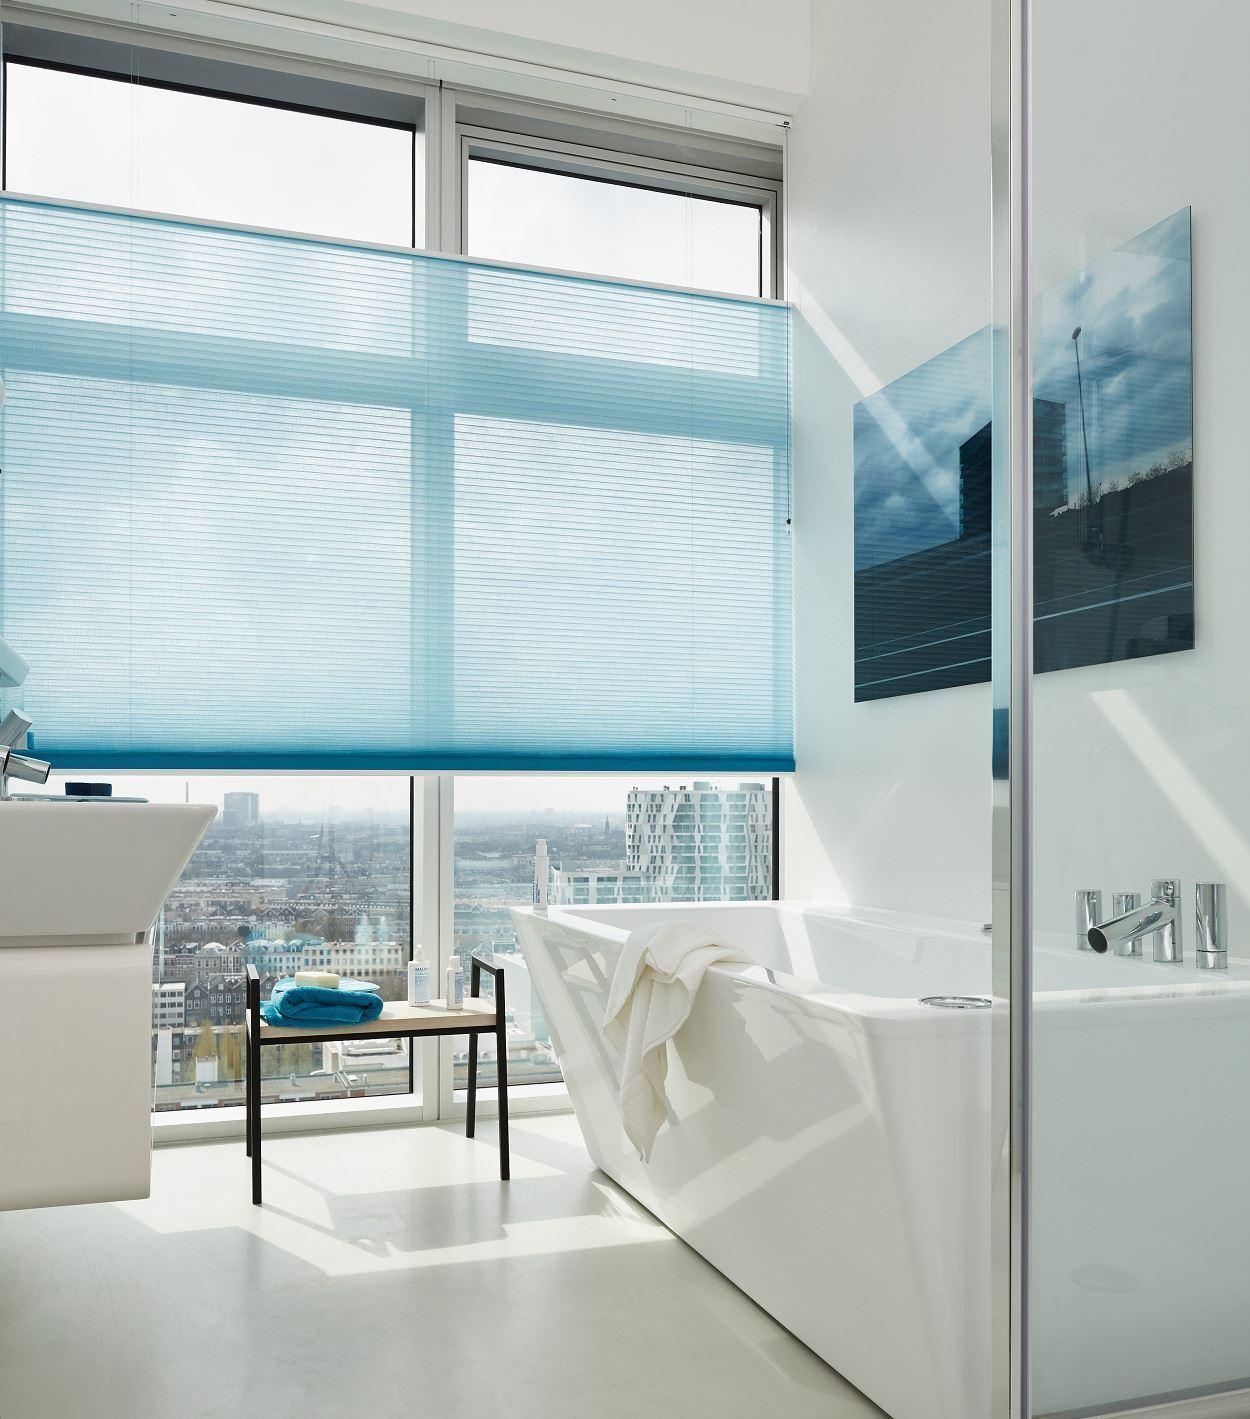 Afbeelding van Luxaflex® Duette Shades 64 mm Top Down Bottom Up&Smartcord